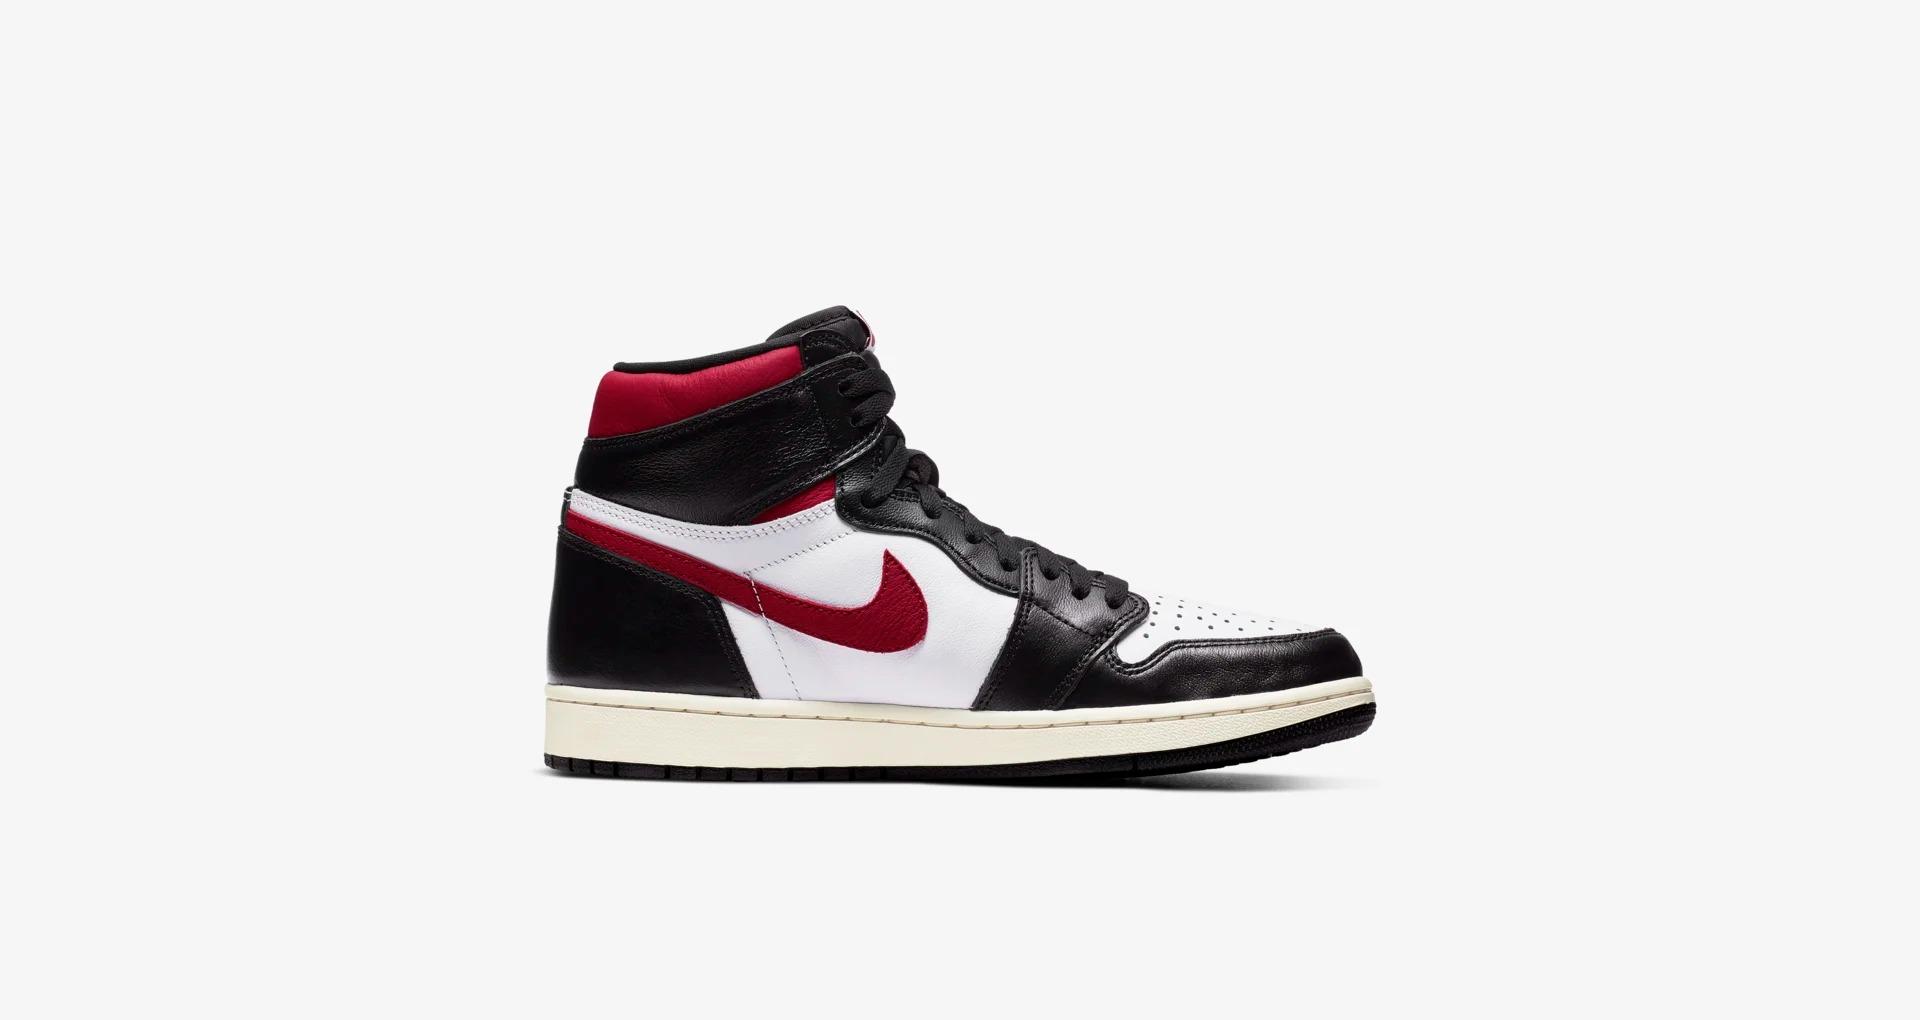 555088 061 Air Jordan 1 High OG Gym Red 2